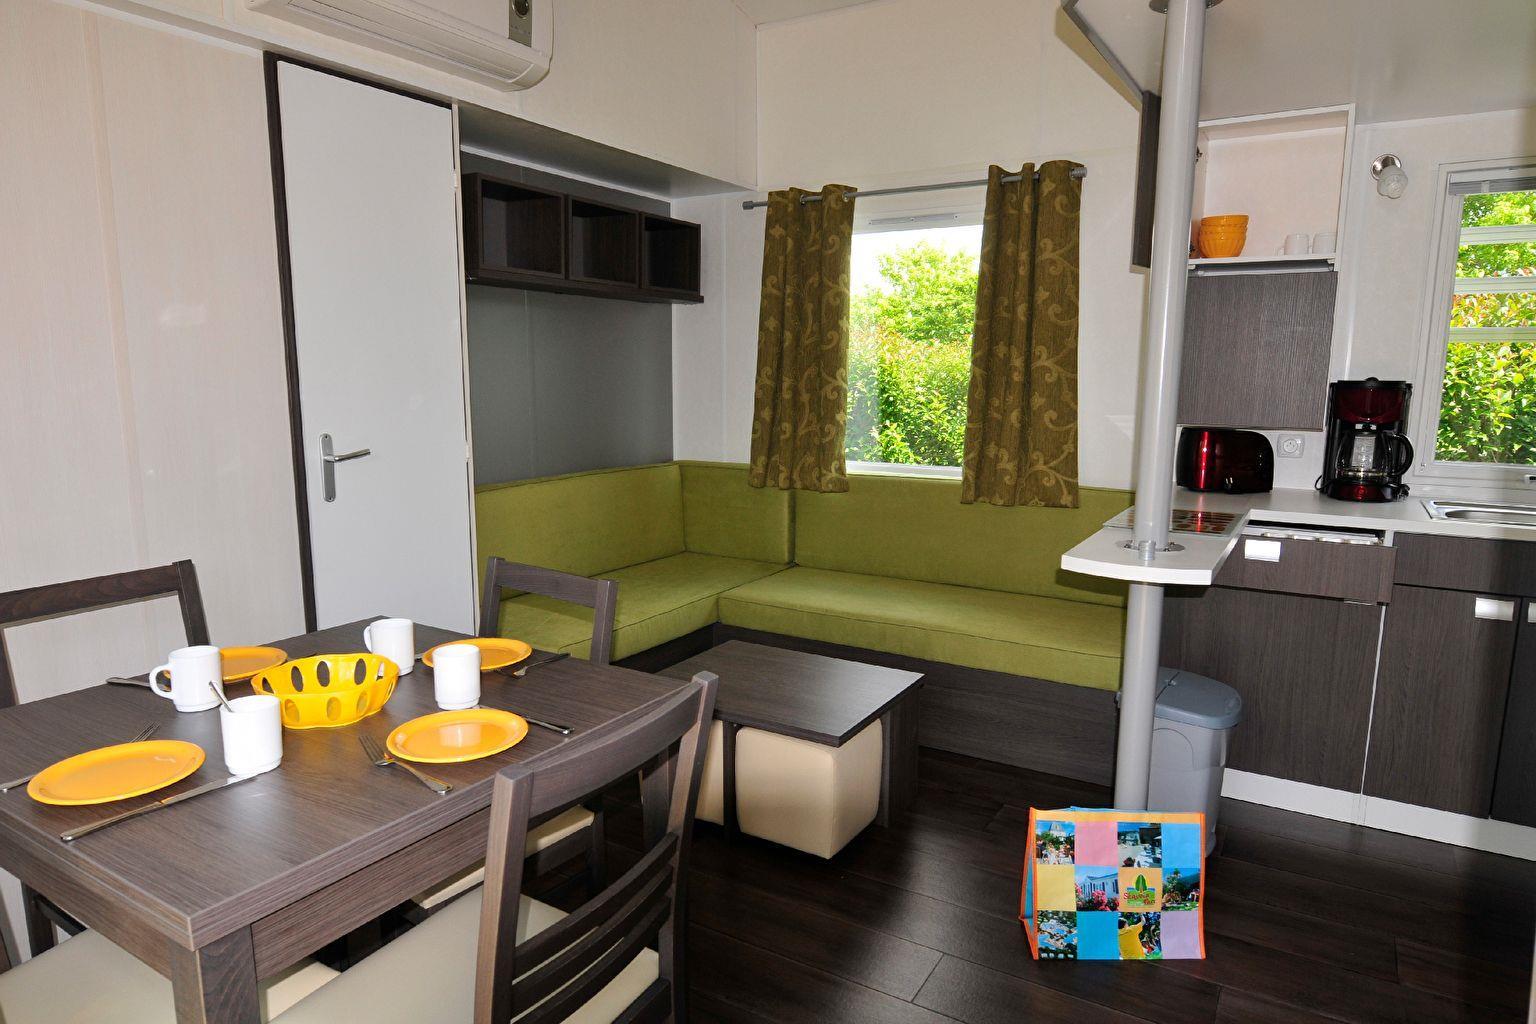 Location - Cottage 3 Chambres Climatisé **** - Camping Sandaya Séquoia Parc